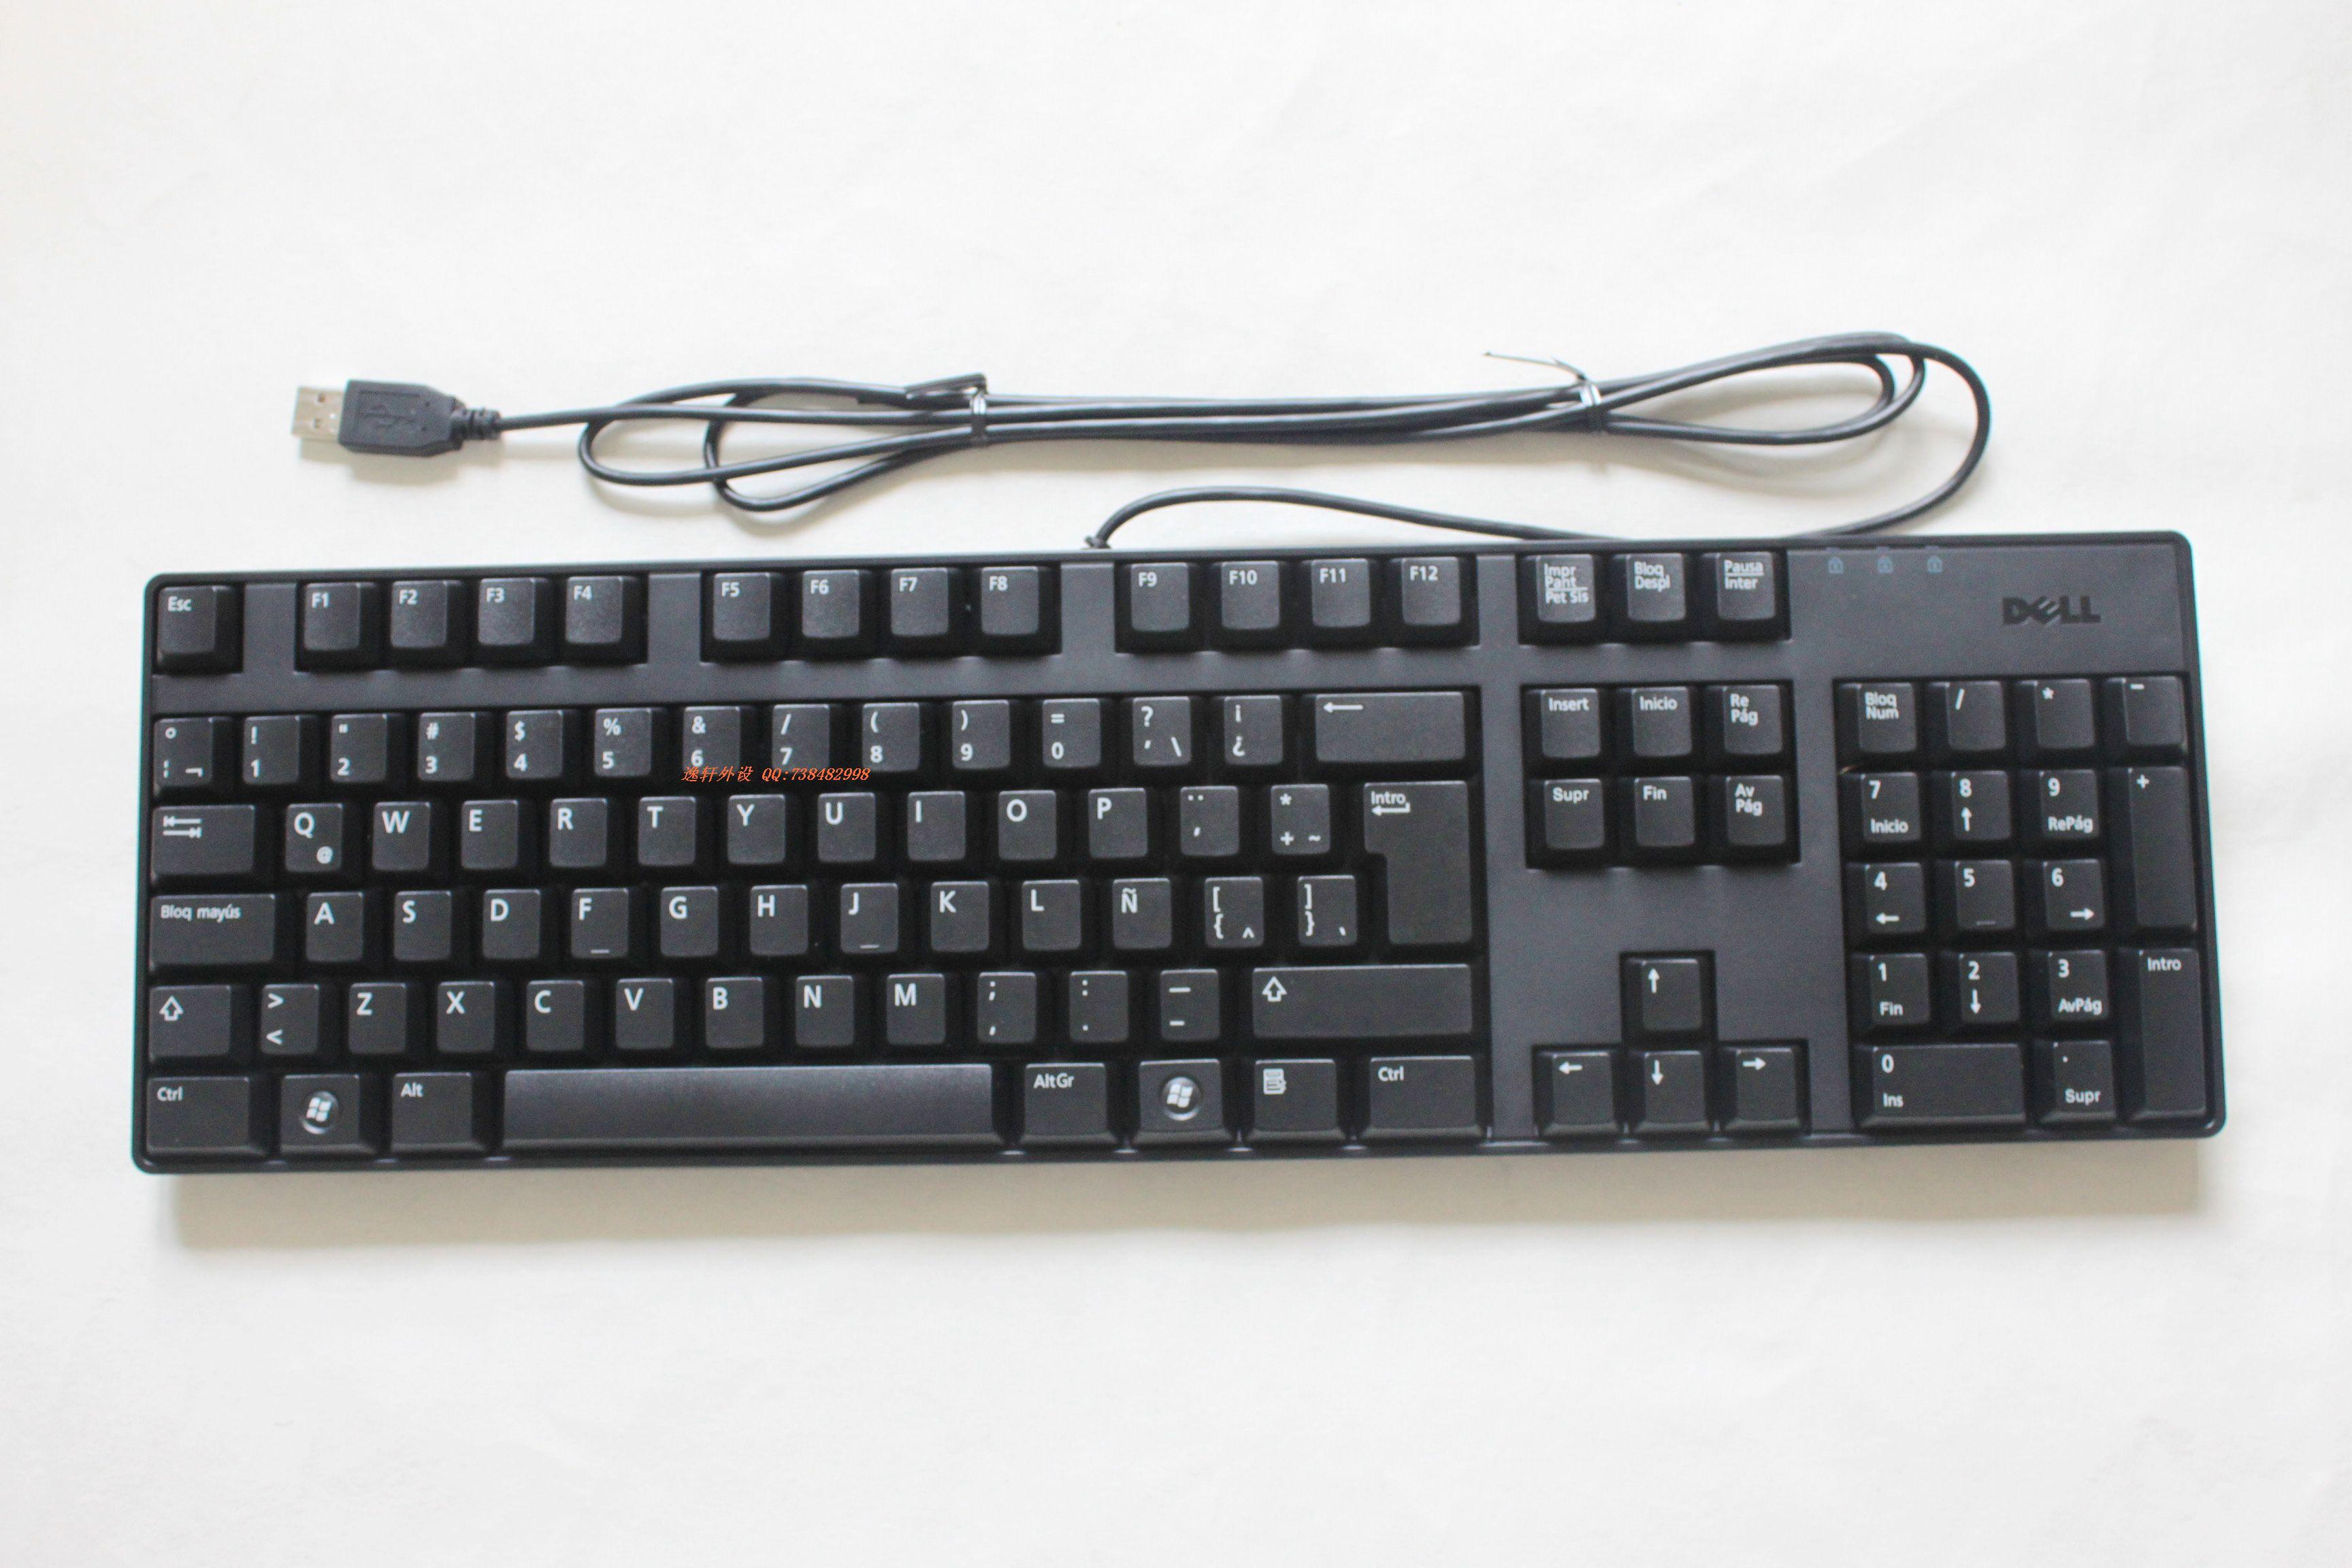 静音之王 全新盒装 原装戴尔DELL SK-8175 有线键盘 旭丽代工